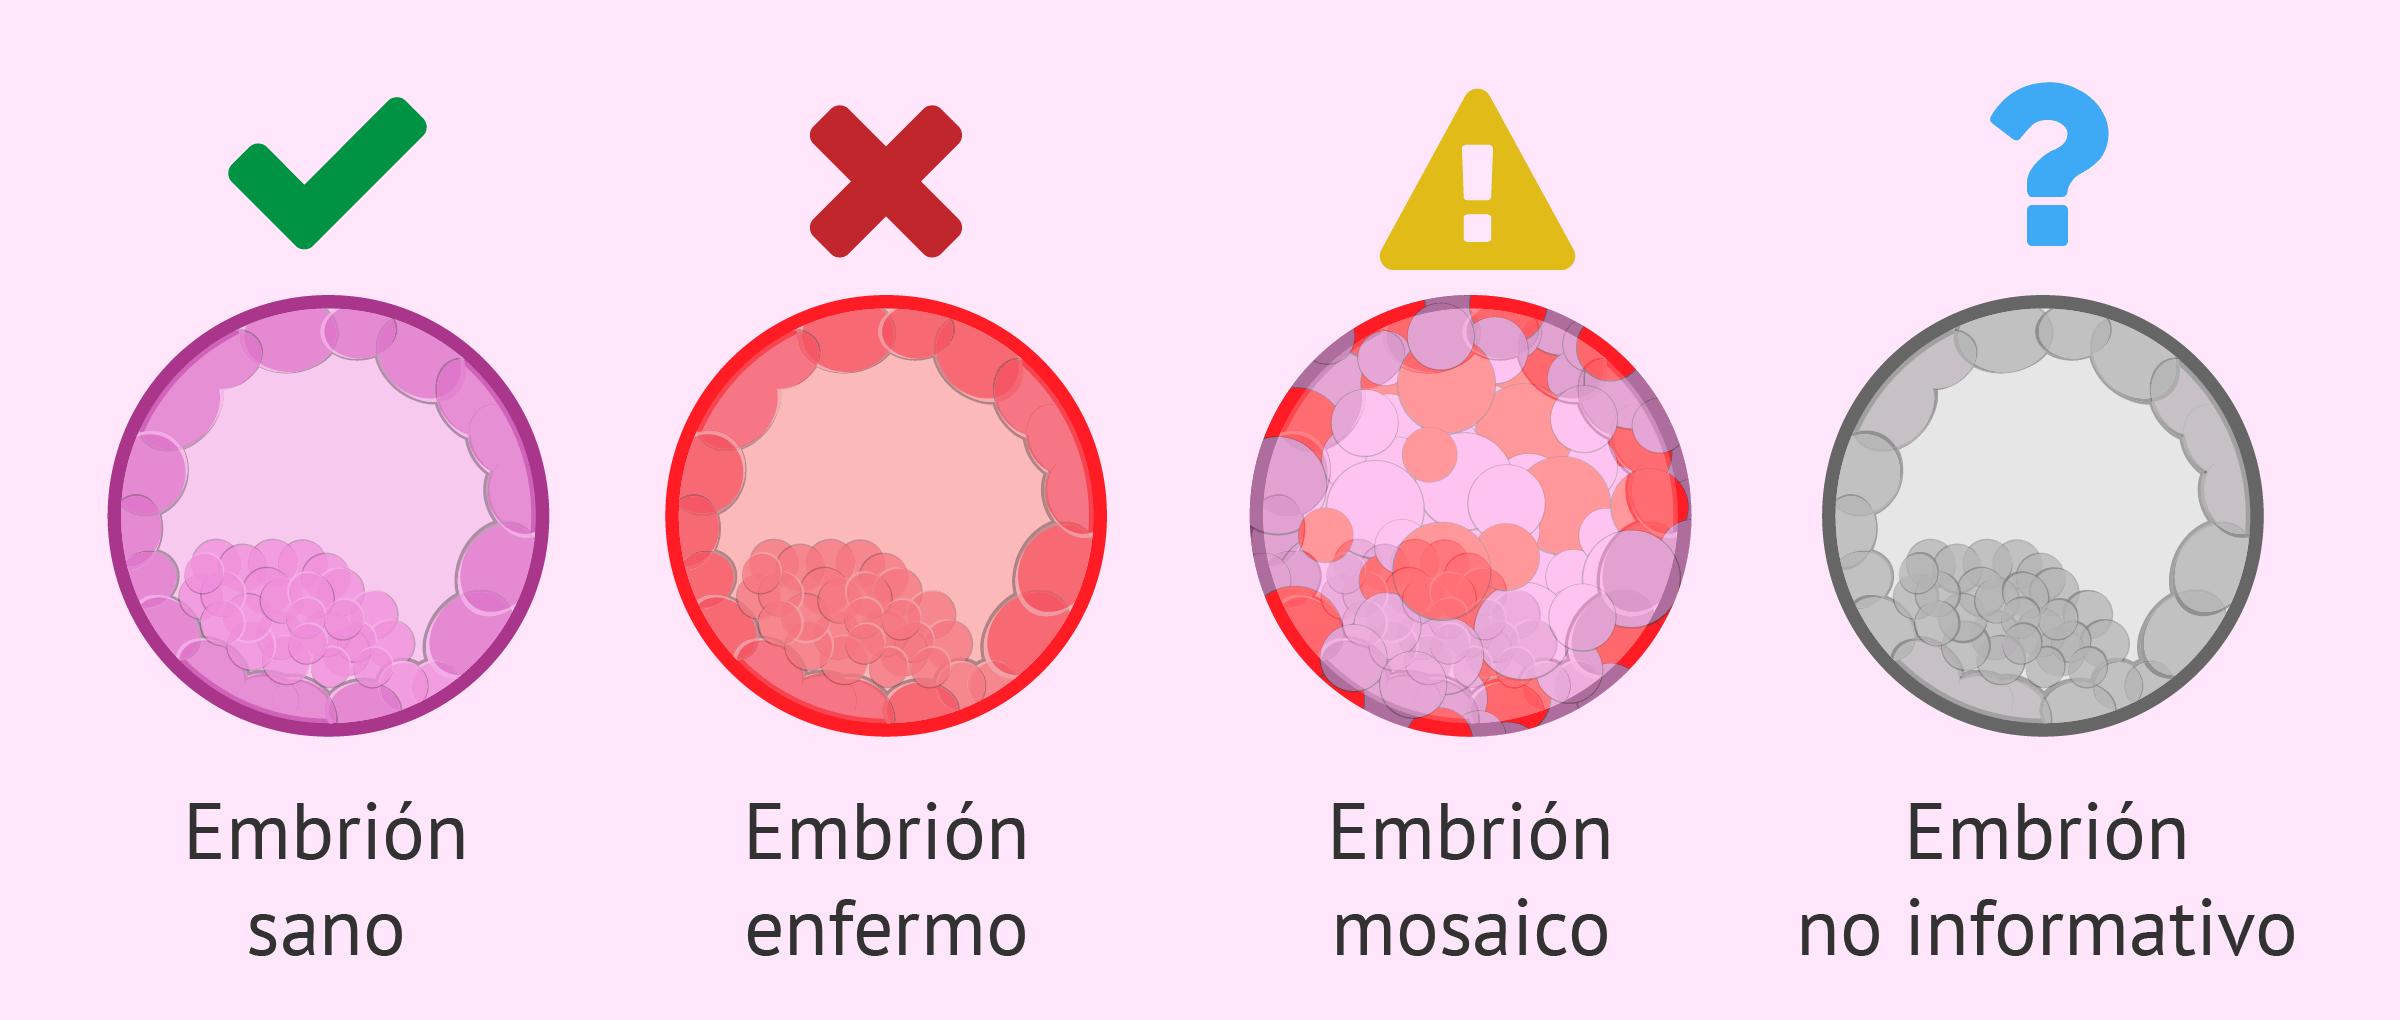 Embarazo tras el análisis genético de embriones